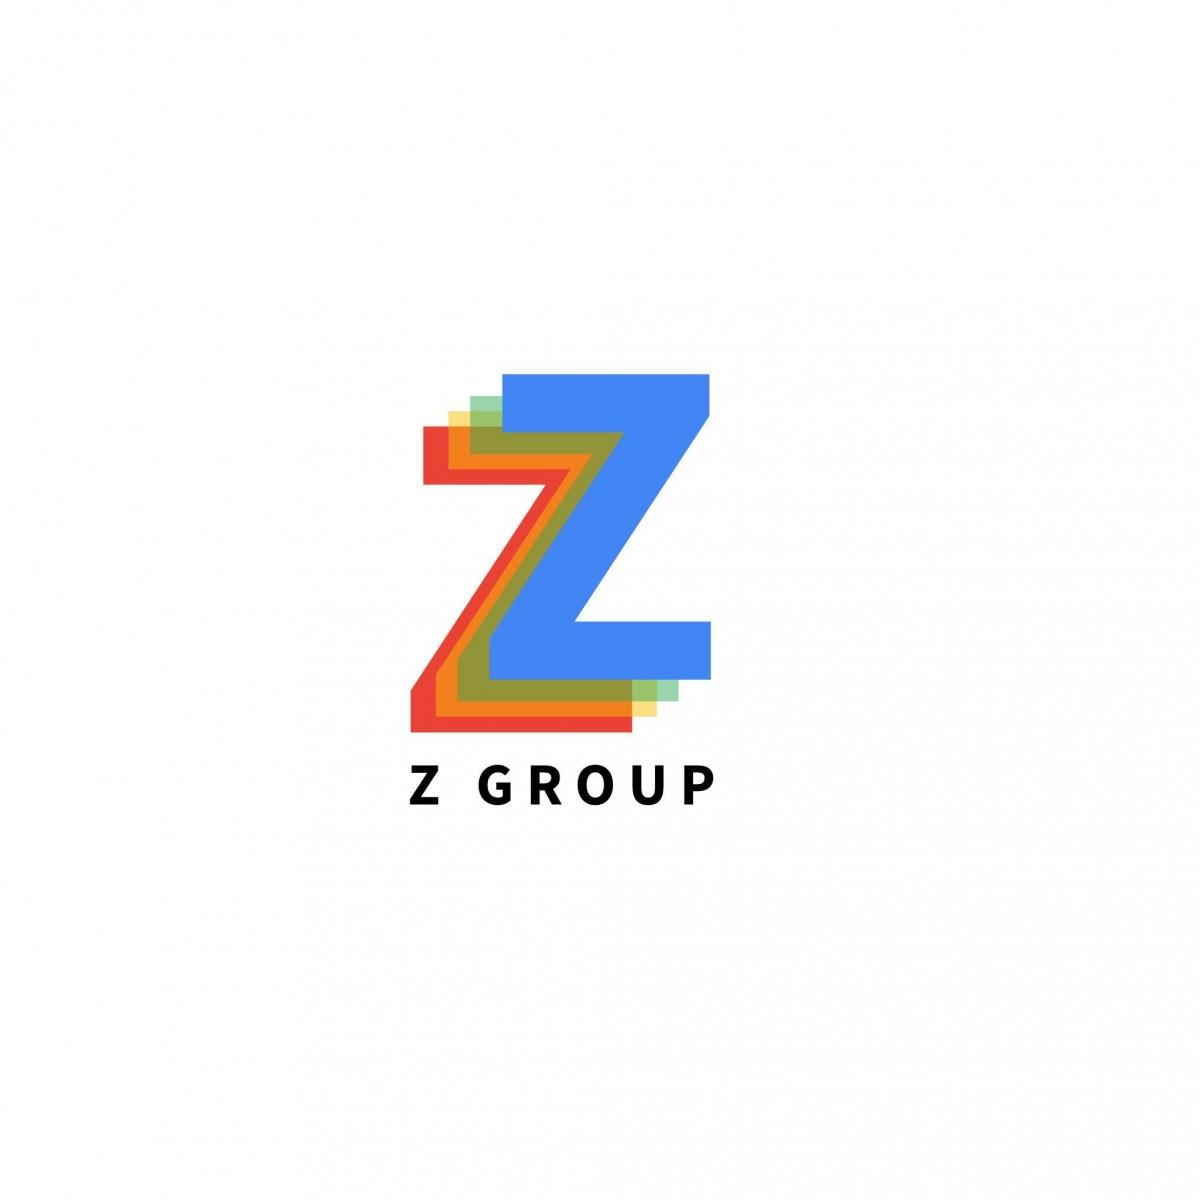 ZGROUP-Tuyển dụng Chuyên viên Diễn Hoạt (ANIMATION 2D)